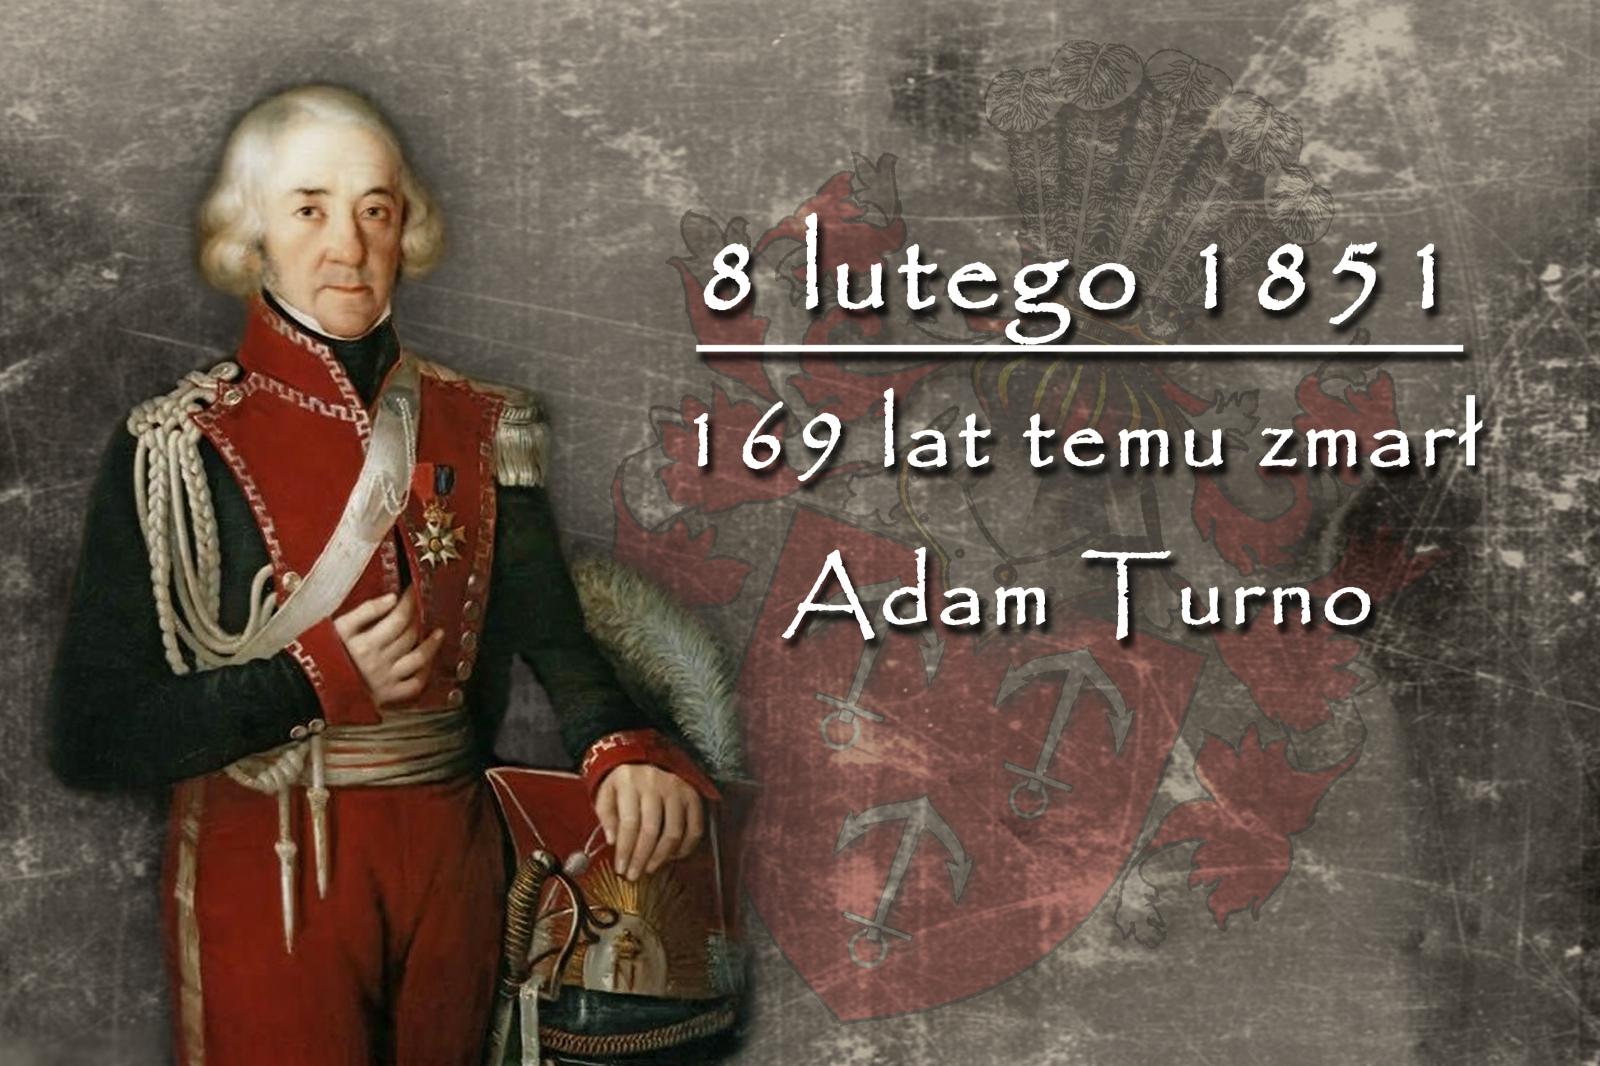 8 LUTEGO 1851 - ROCZNICA ŚMIERCI ADAMA TURNO